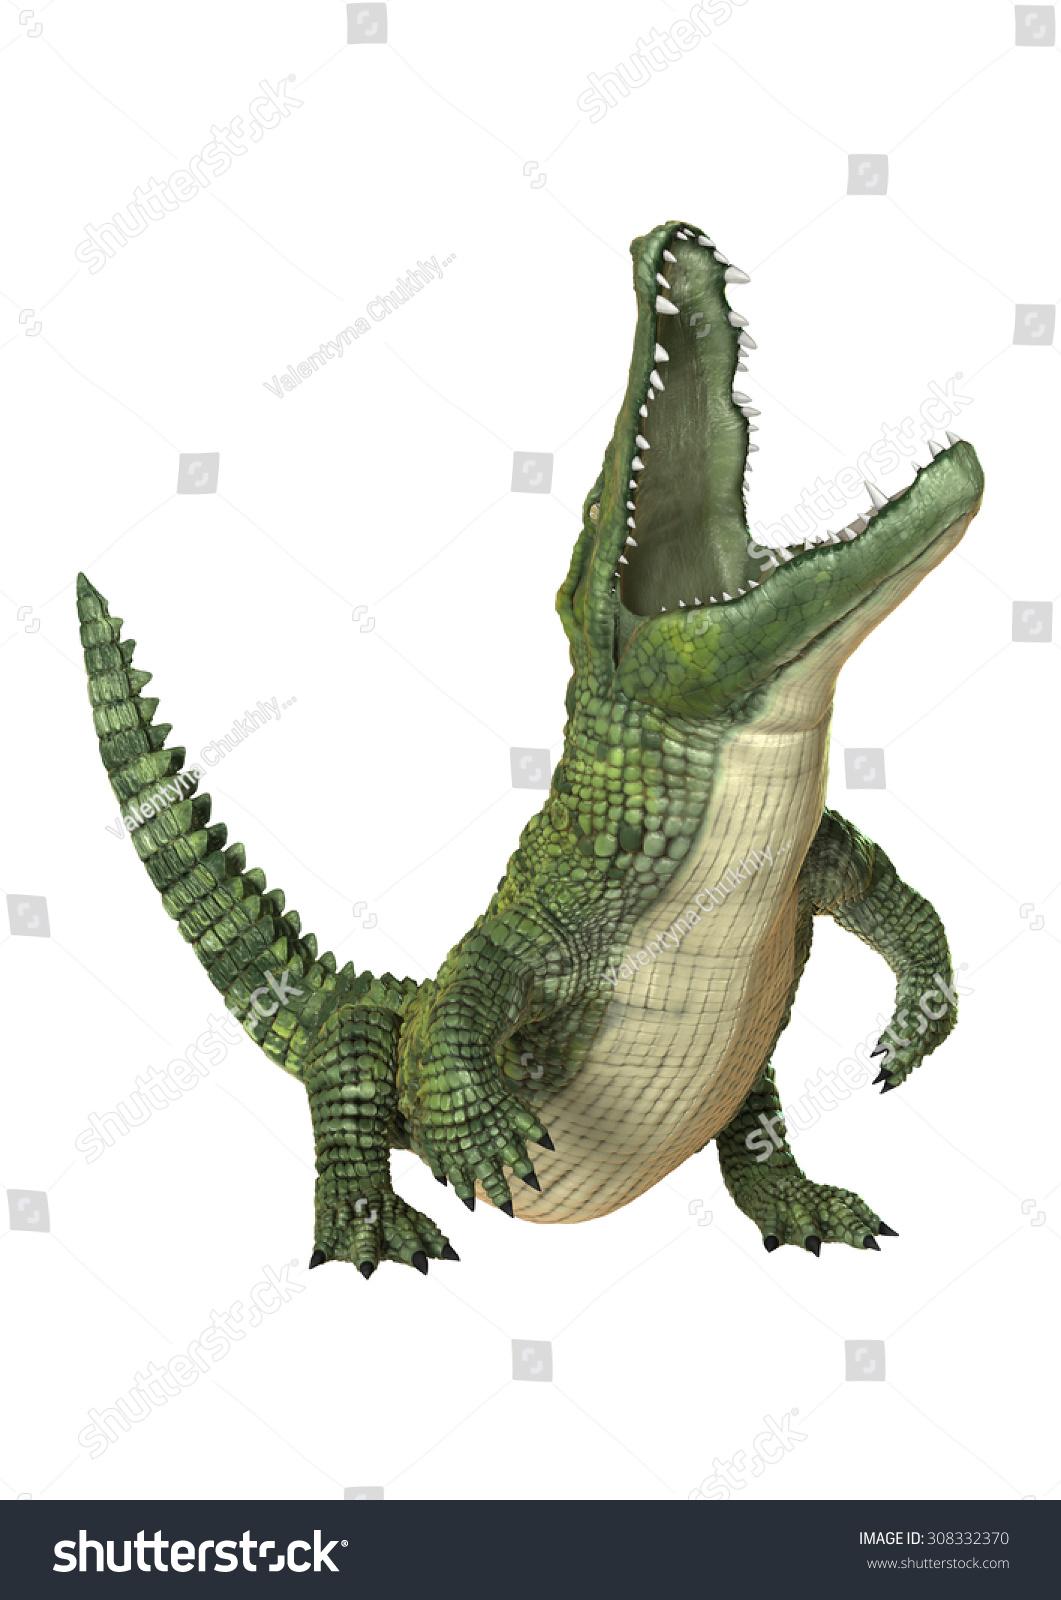 白色背景下绿色鳄鱼潜水的三维数字渲染-动物/野生